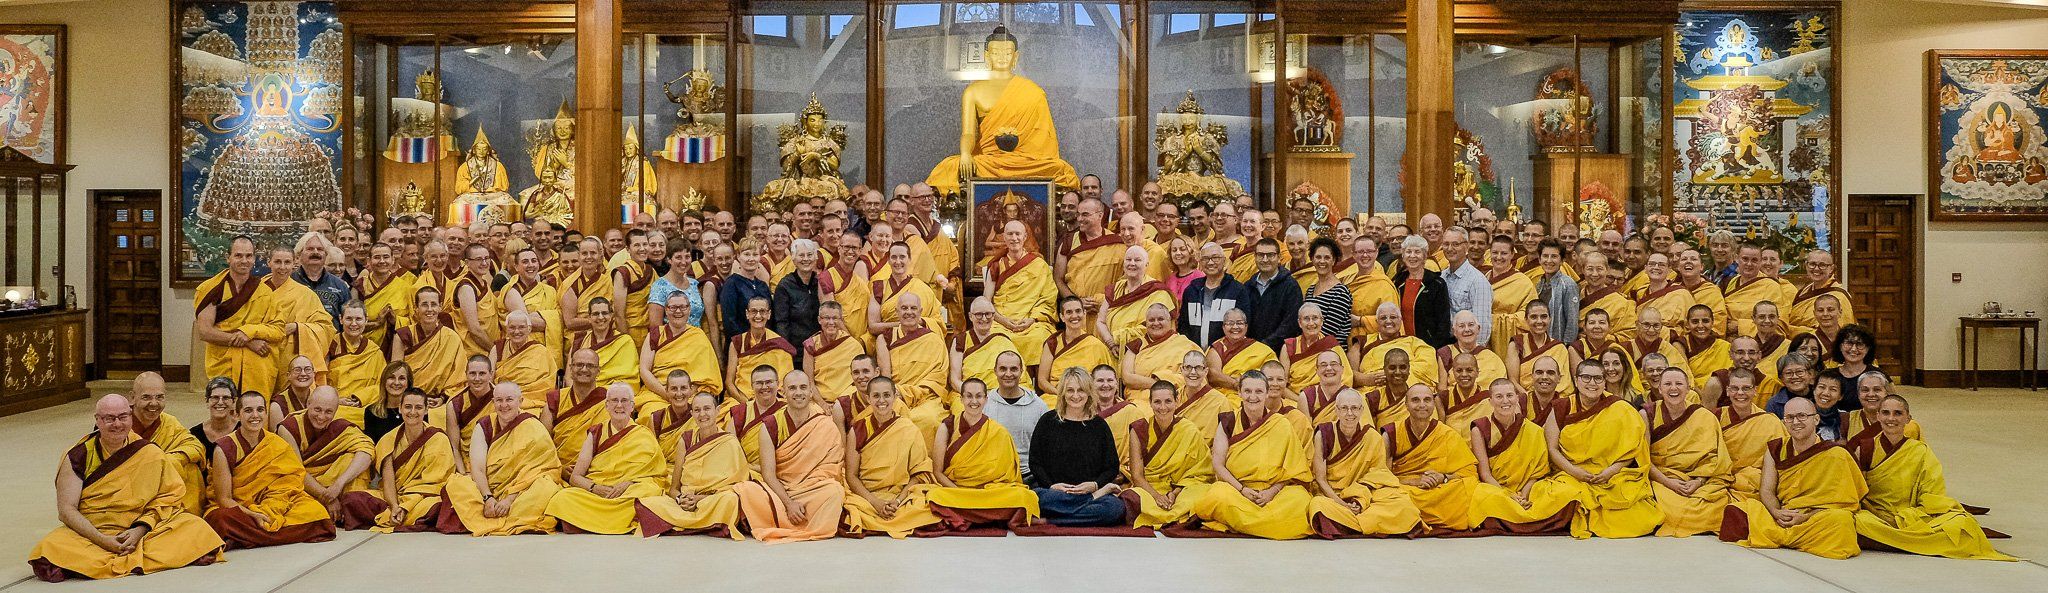 2018年度新噶当巴传承-国际噶当巴佛教联盟国际导师培训计划集体照